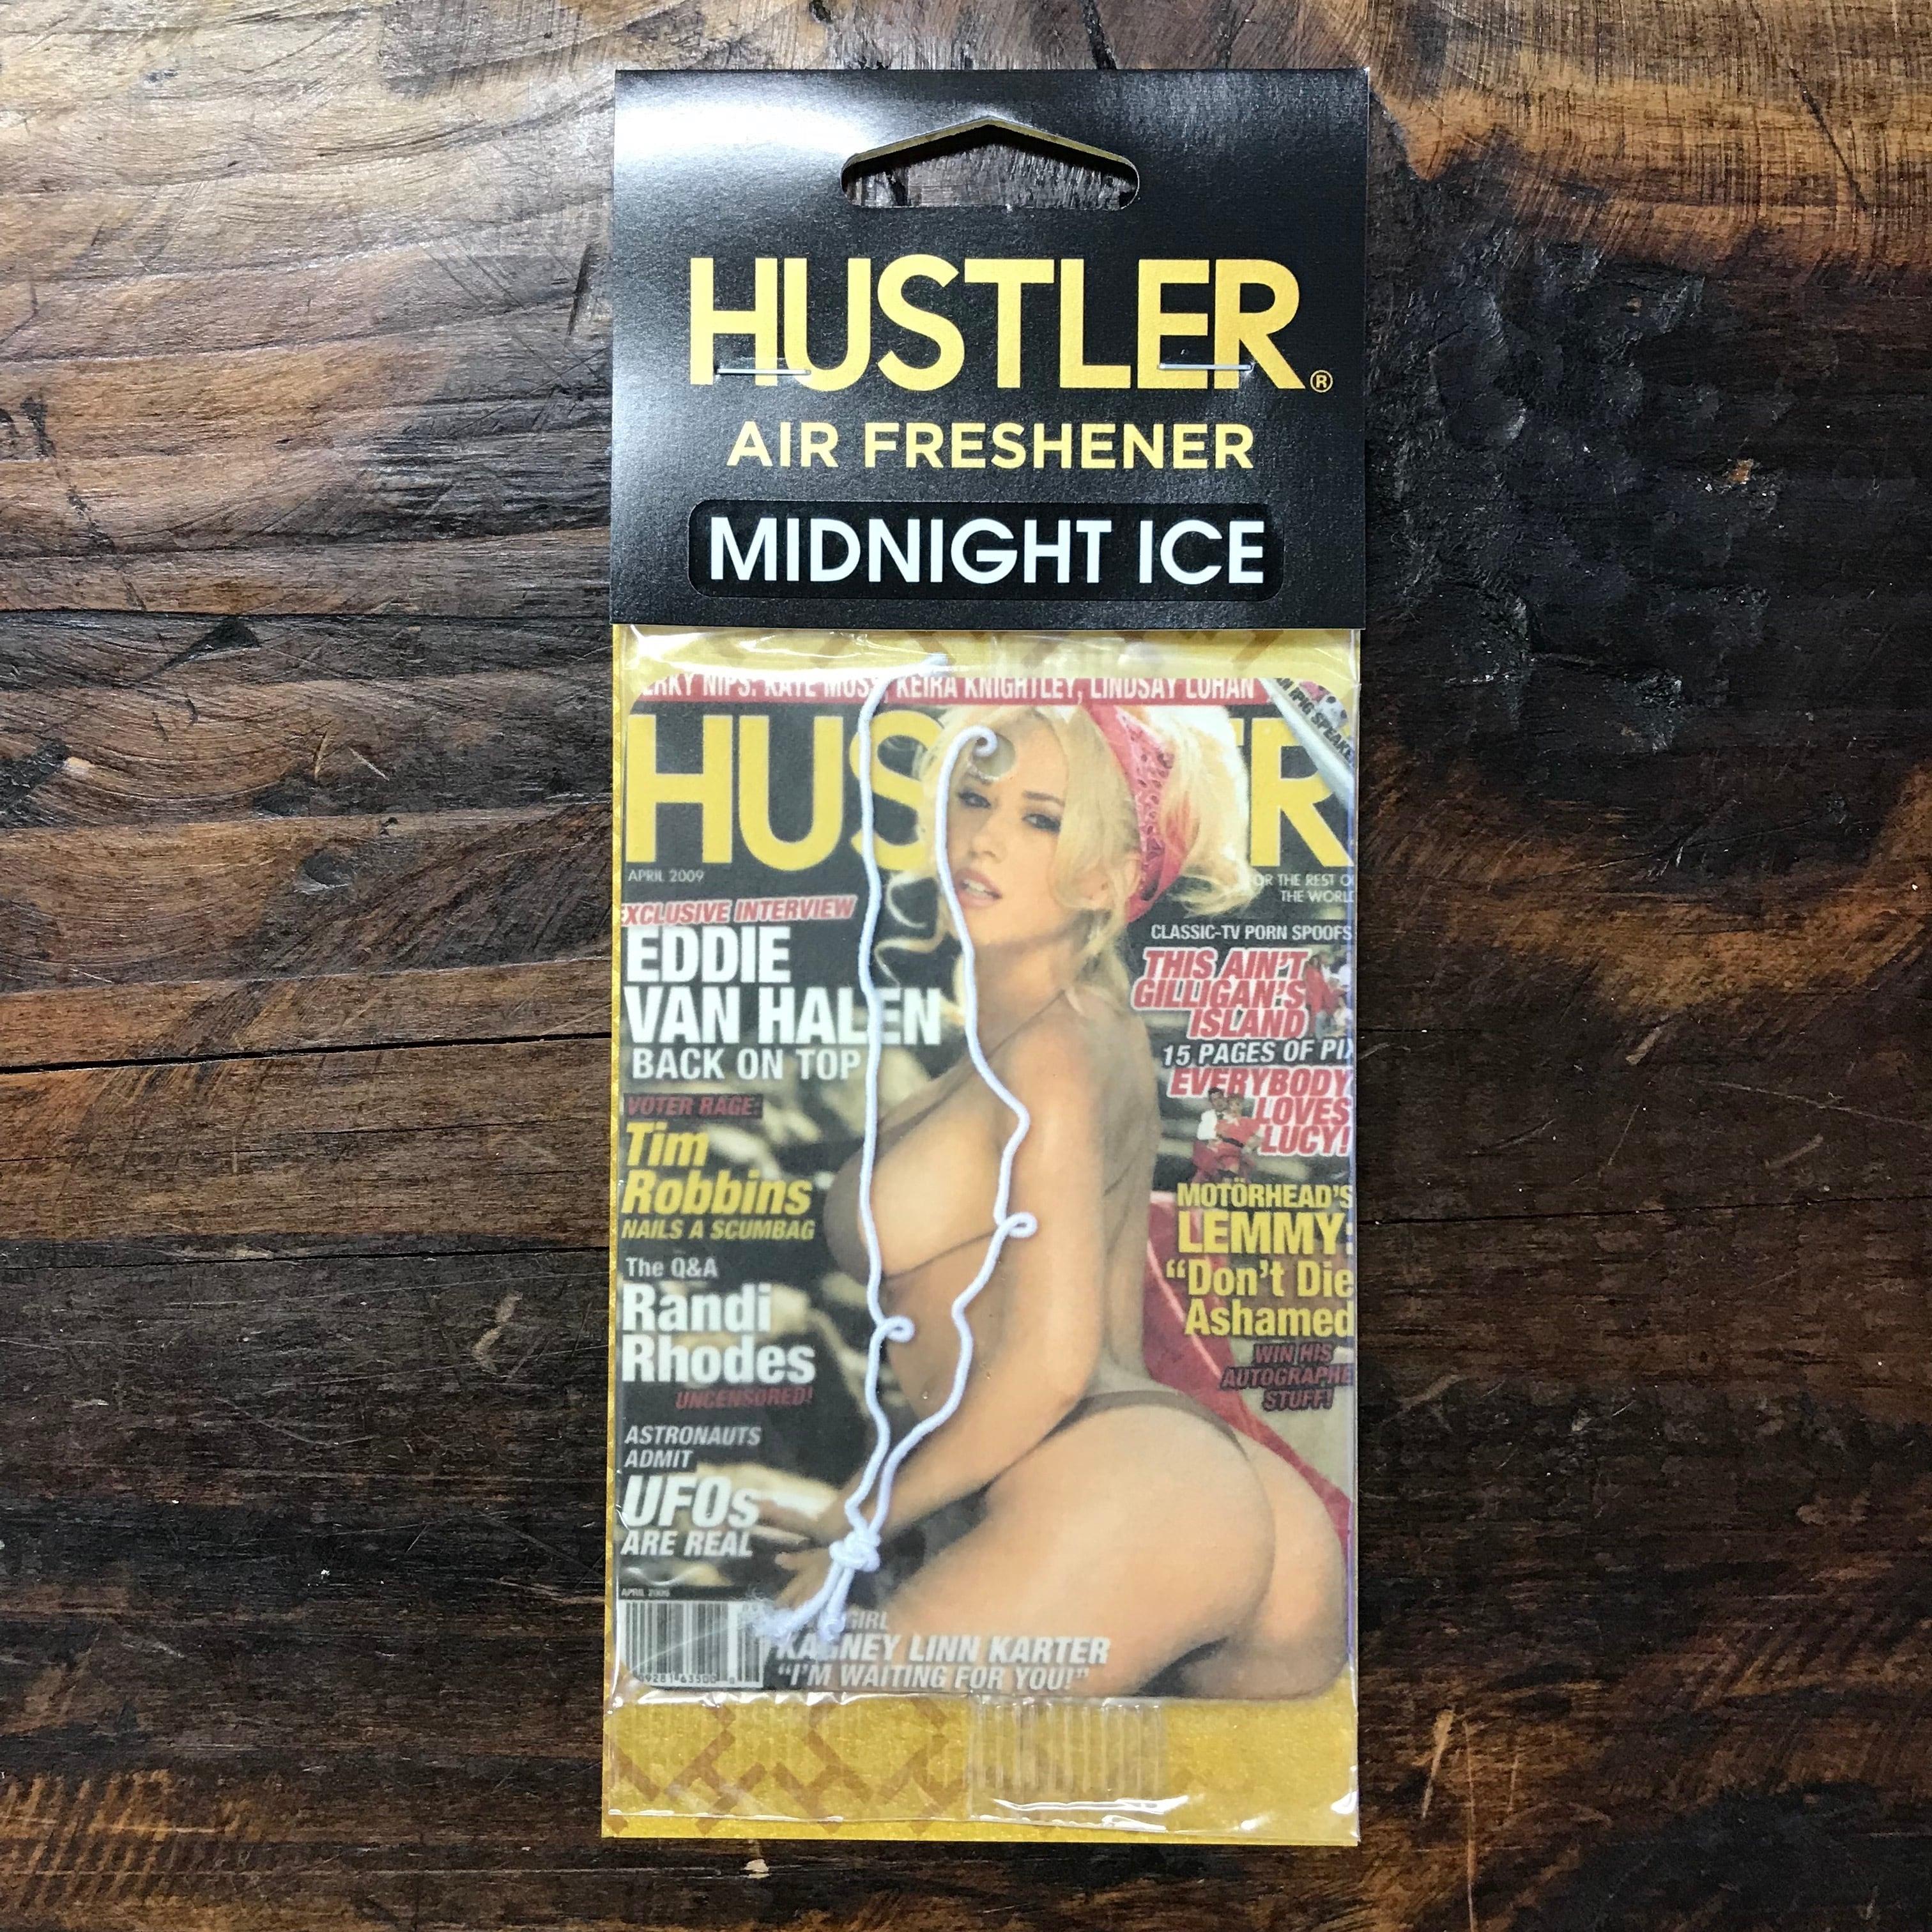 HUSTLER・セクシーガールエアフレッシュナー・ミッドナイトアイス(ブラックアイス風)・2009-04